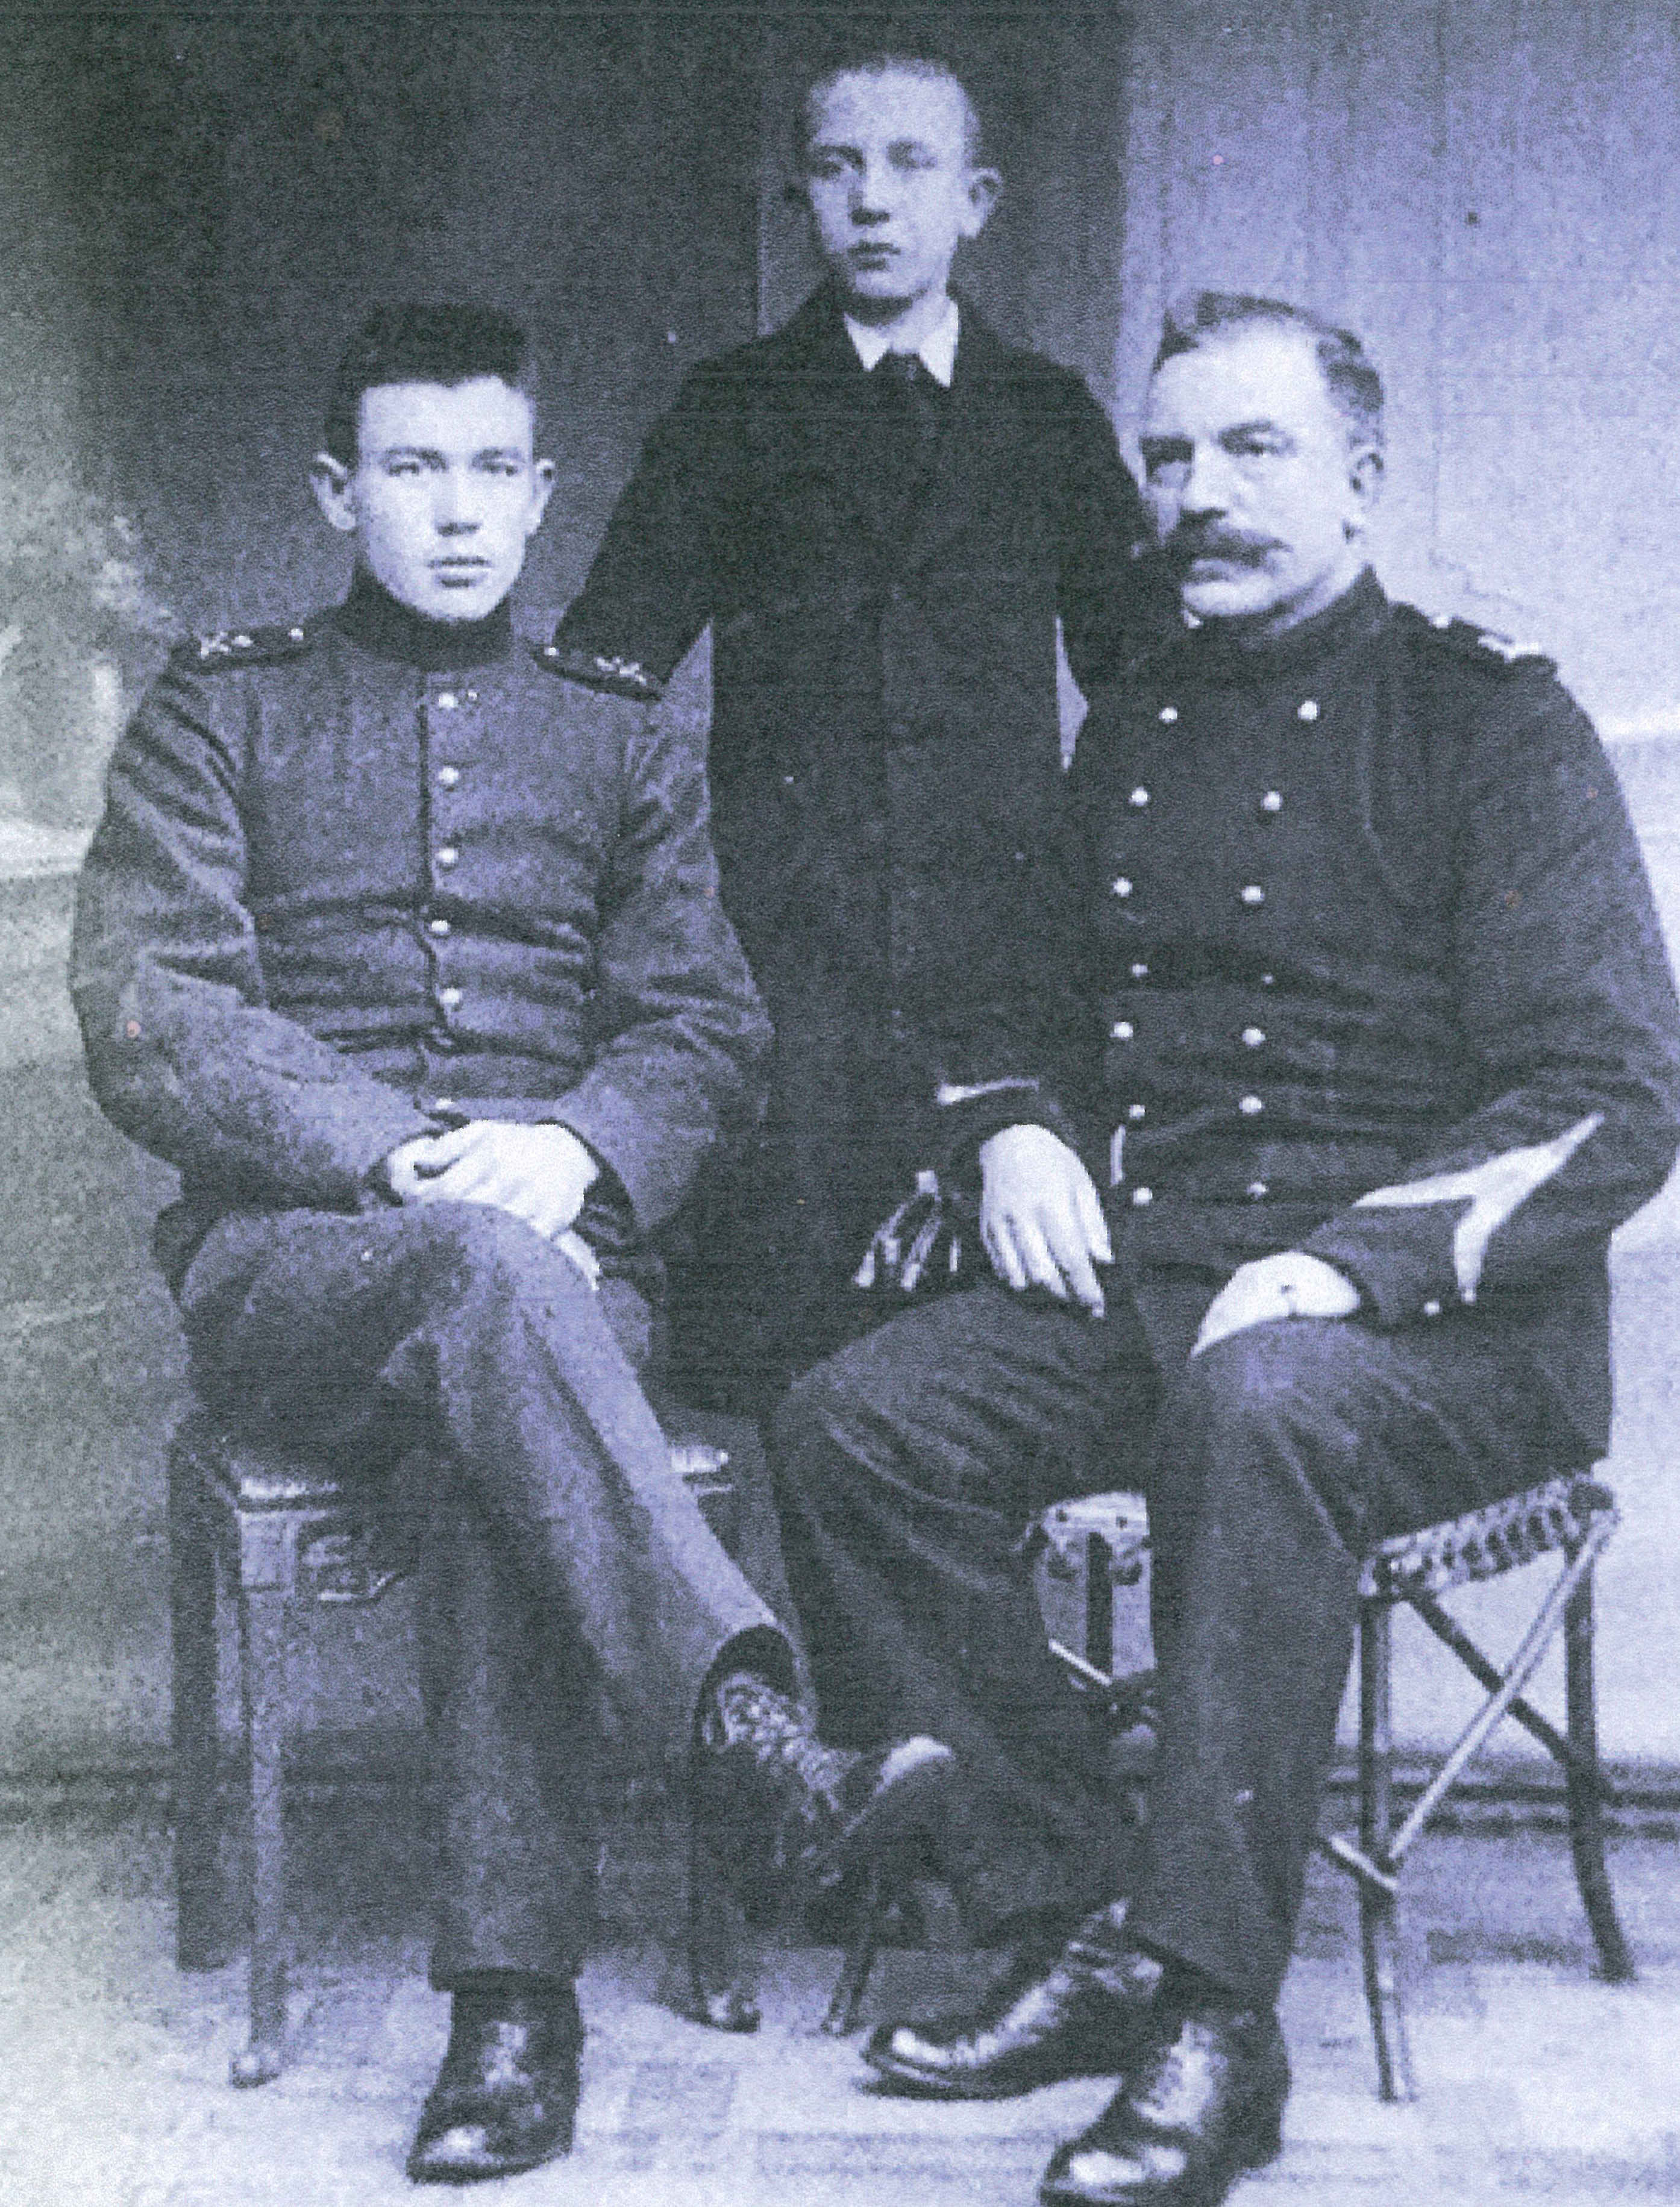 Drie generaties Alberts: Harm jr (midden), opa Meint (rechts), vader Harm sr. (links) Foto: Stichting Pampus